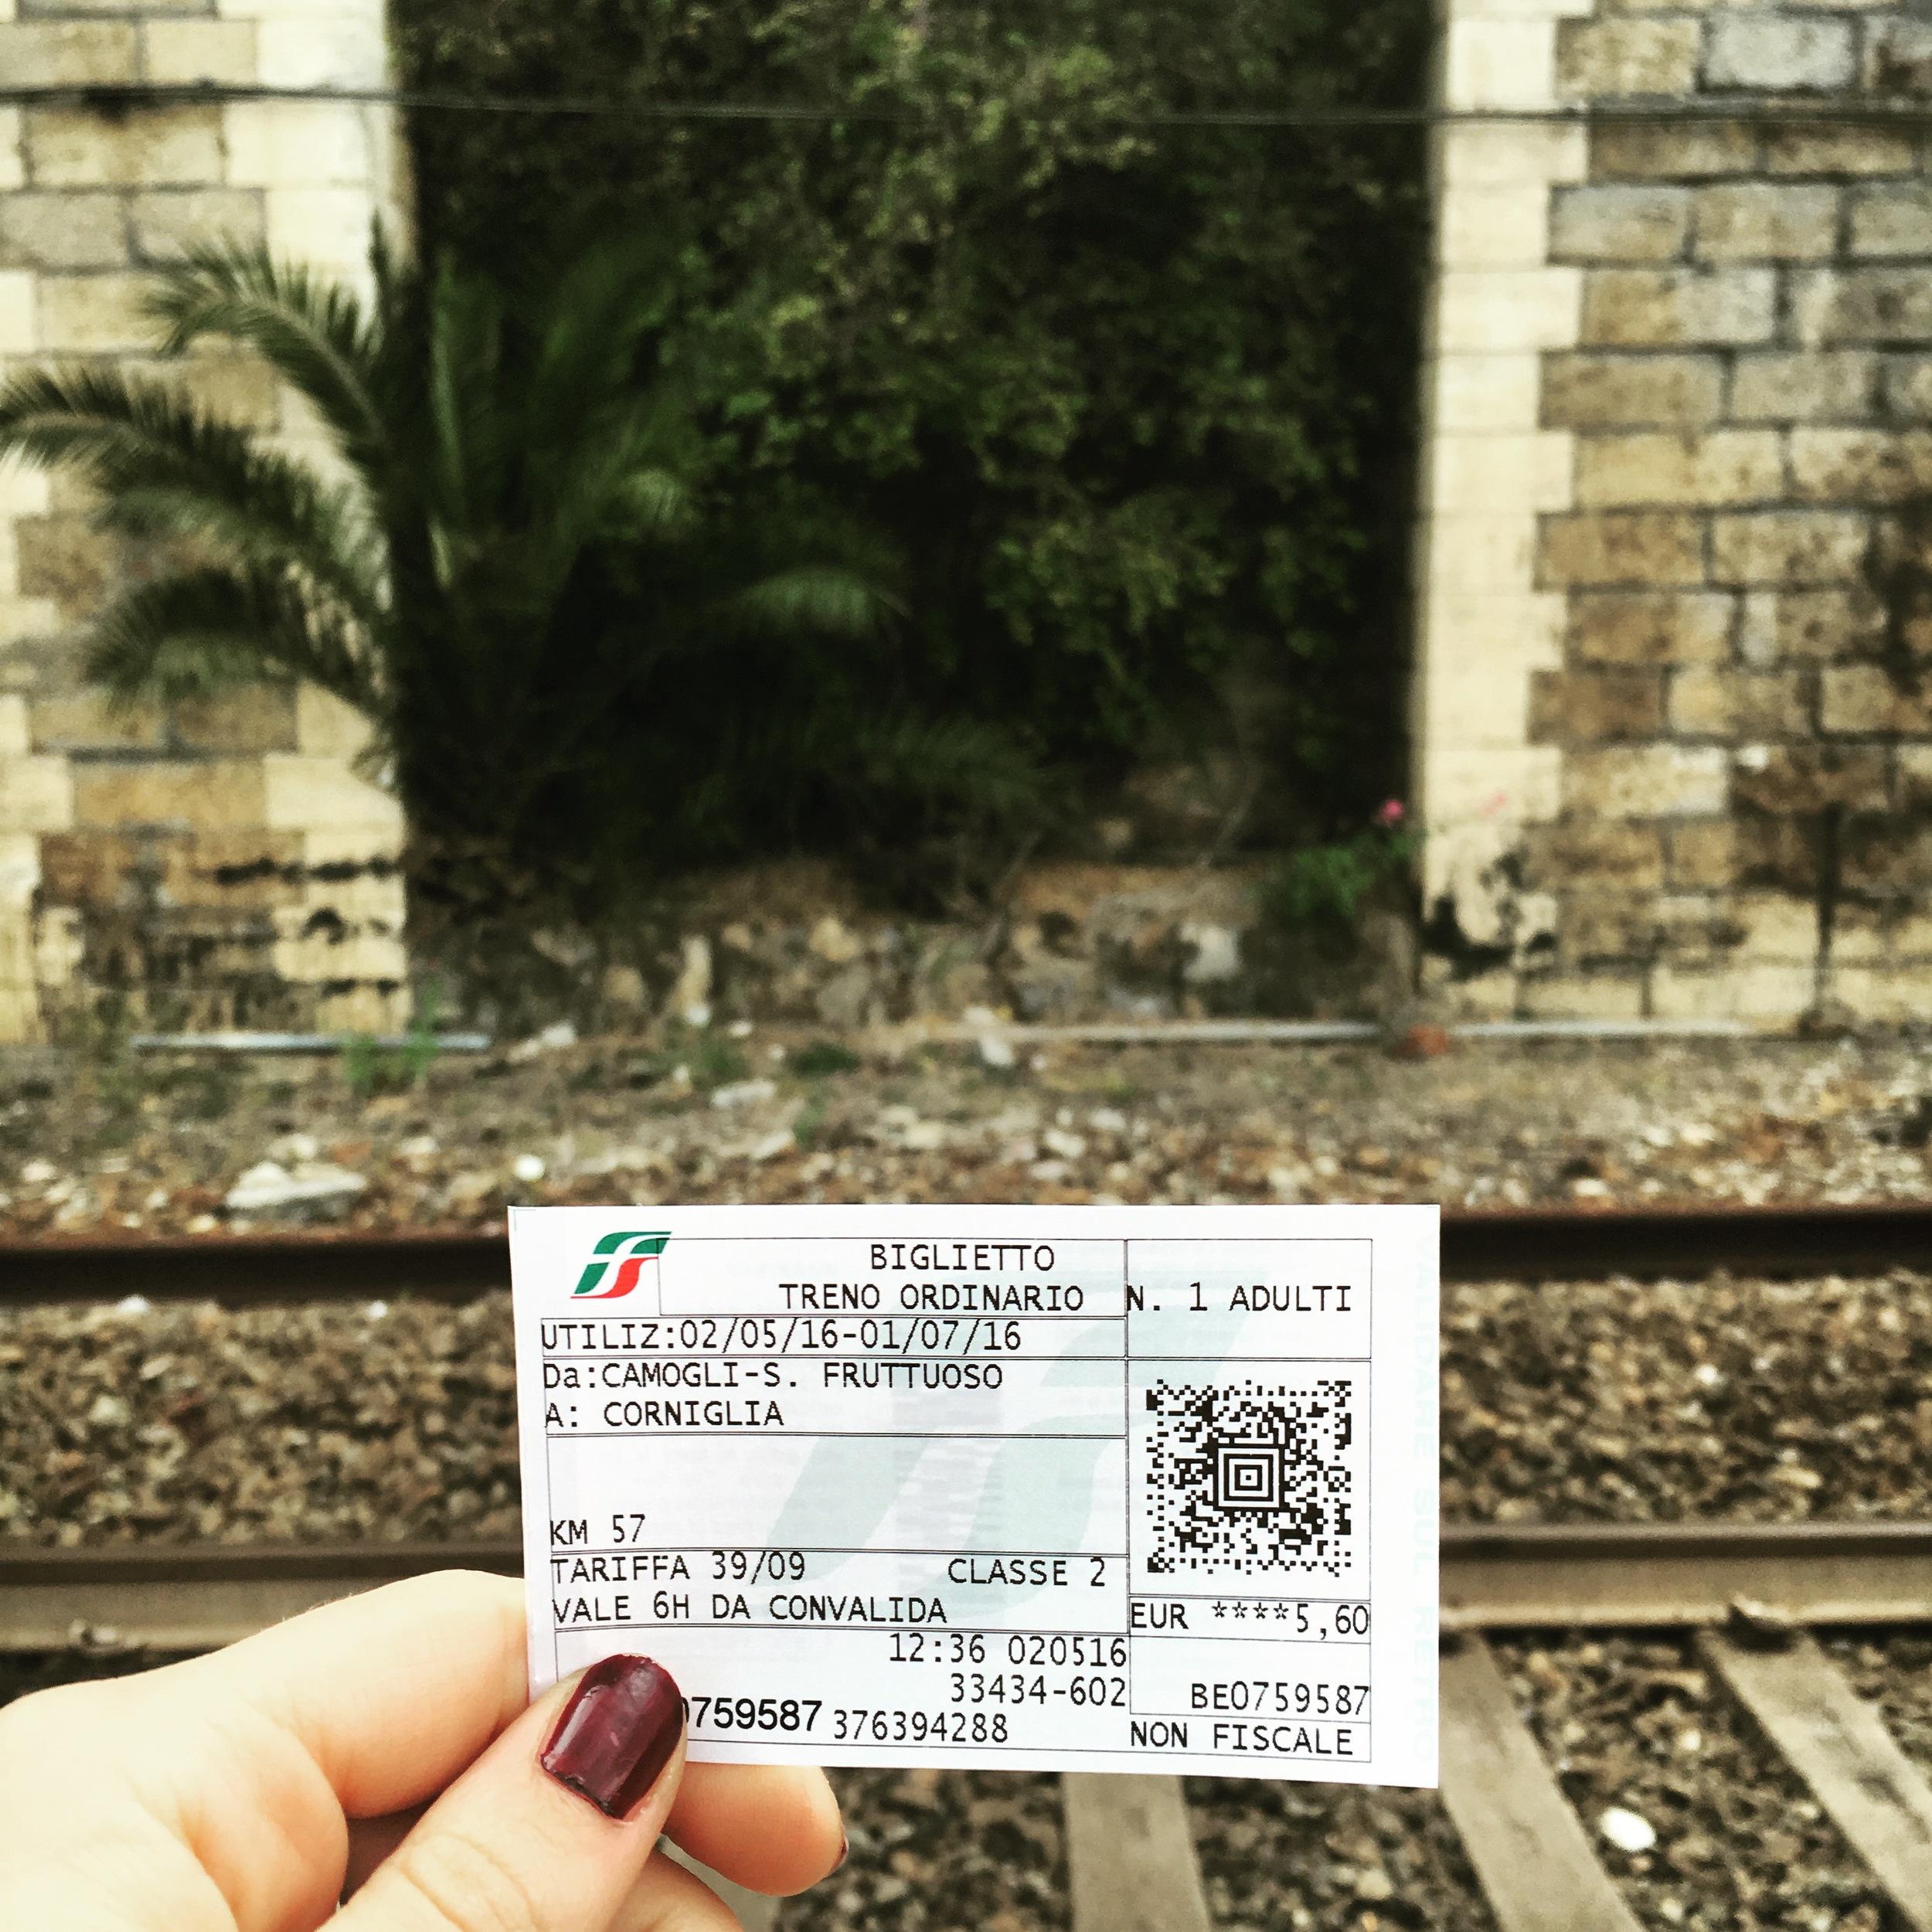 Standard single journey train ticket